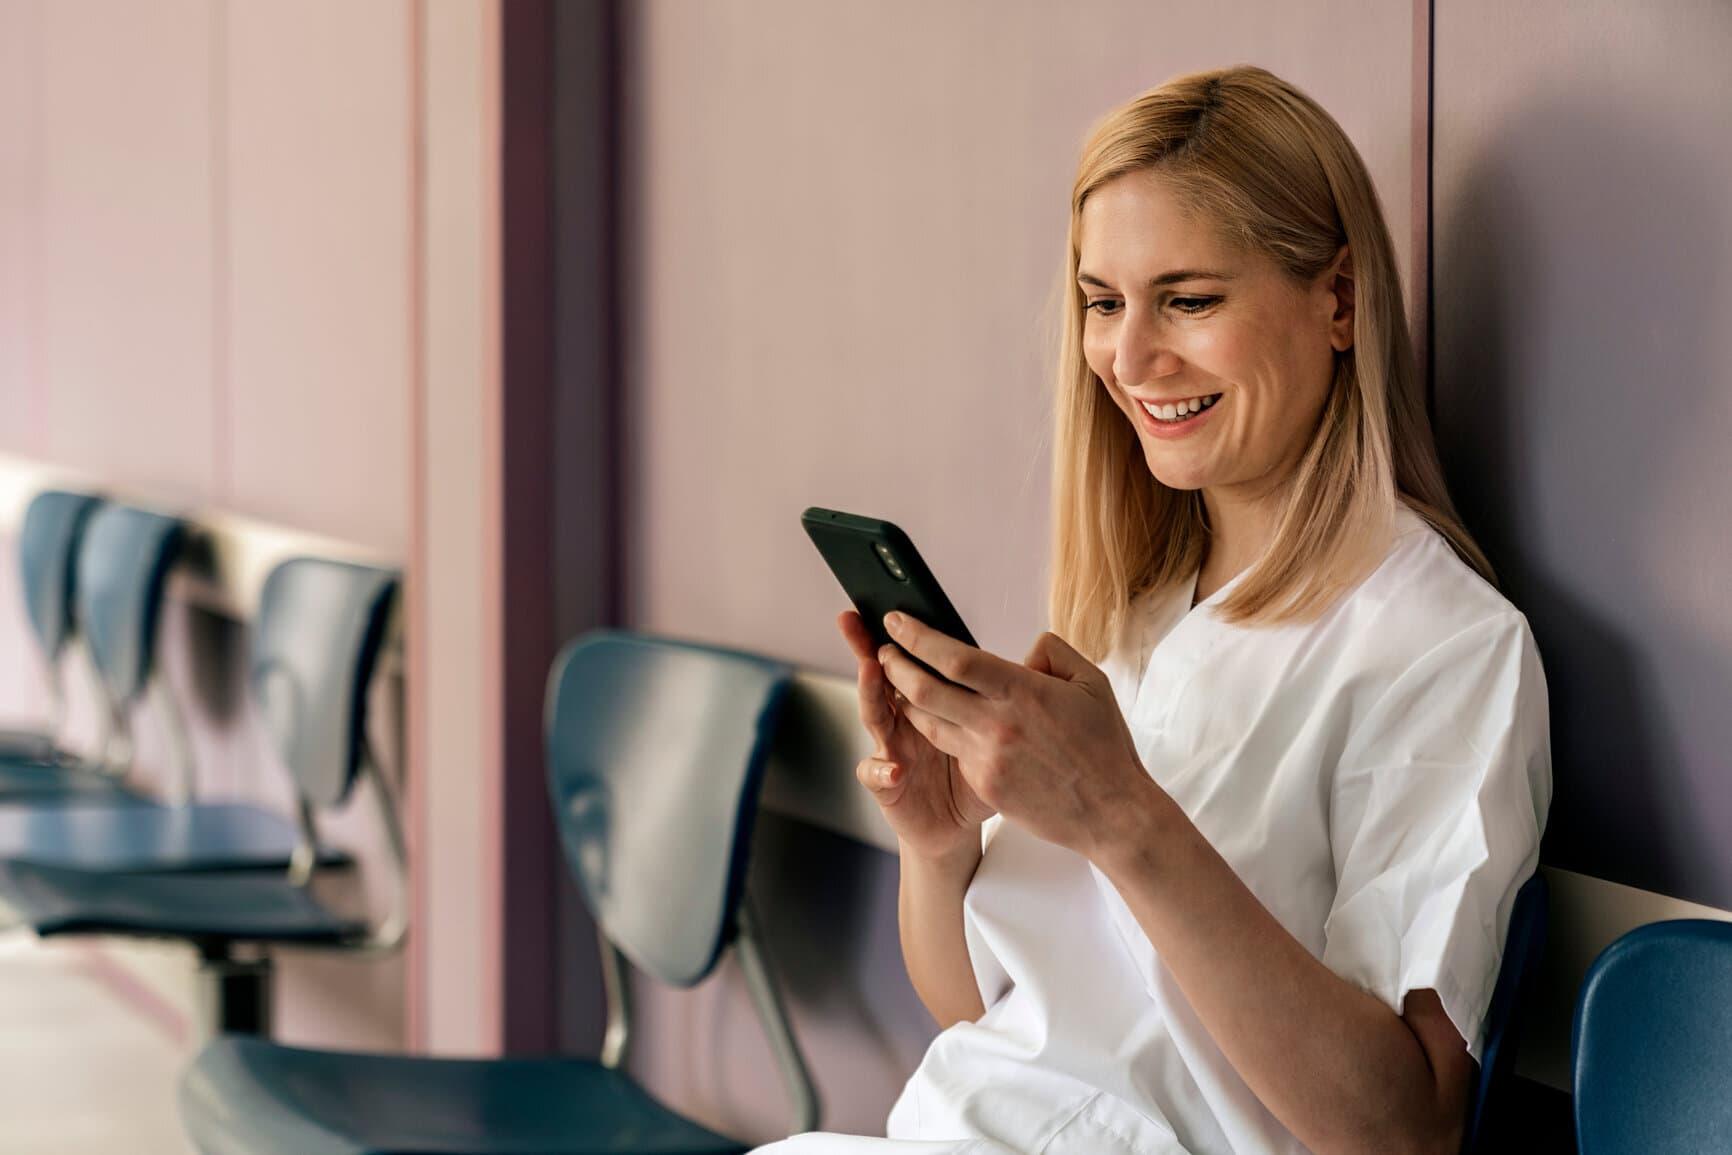 Krankenschwester mittelalt sitzend smartphone Mitarbeiter-App